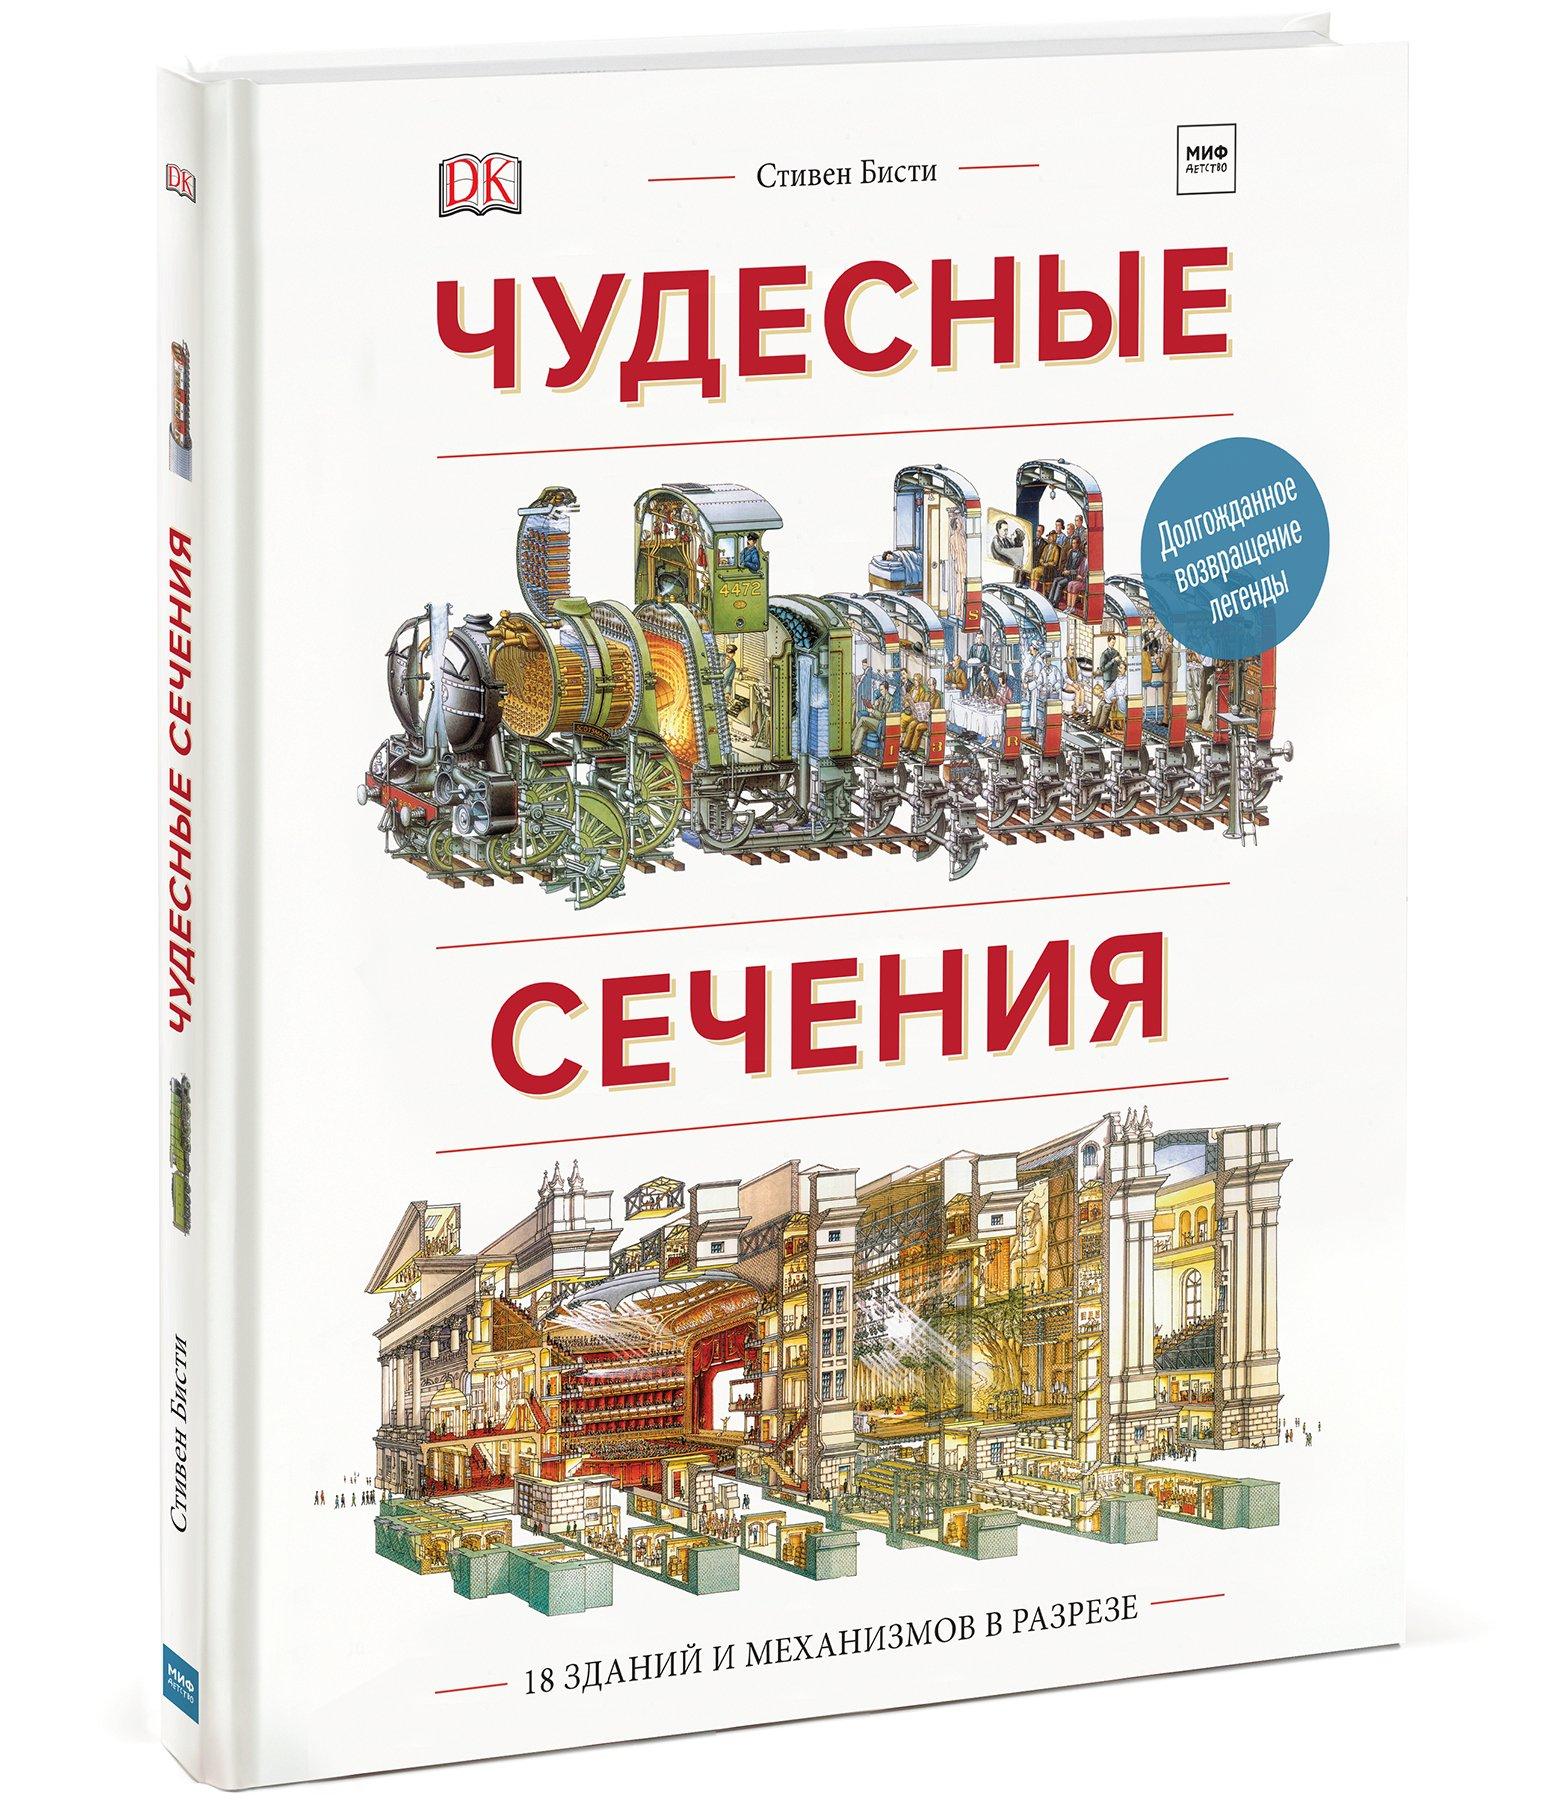 Стивен Бисти, Ричард Плэтт Чудесные сечения. 18 зданий и механизмов в разрезе